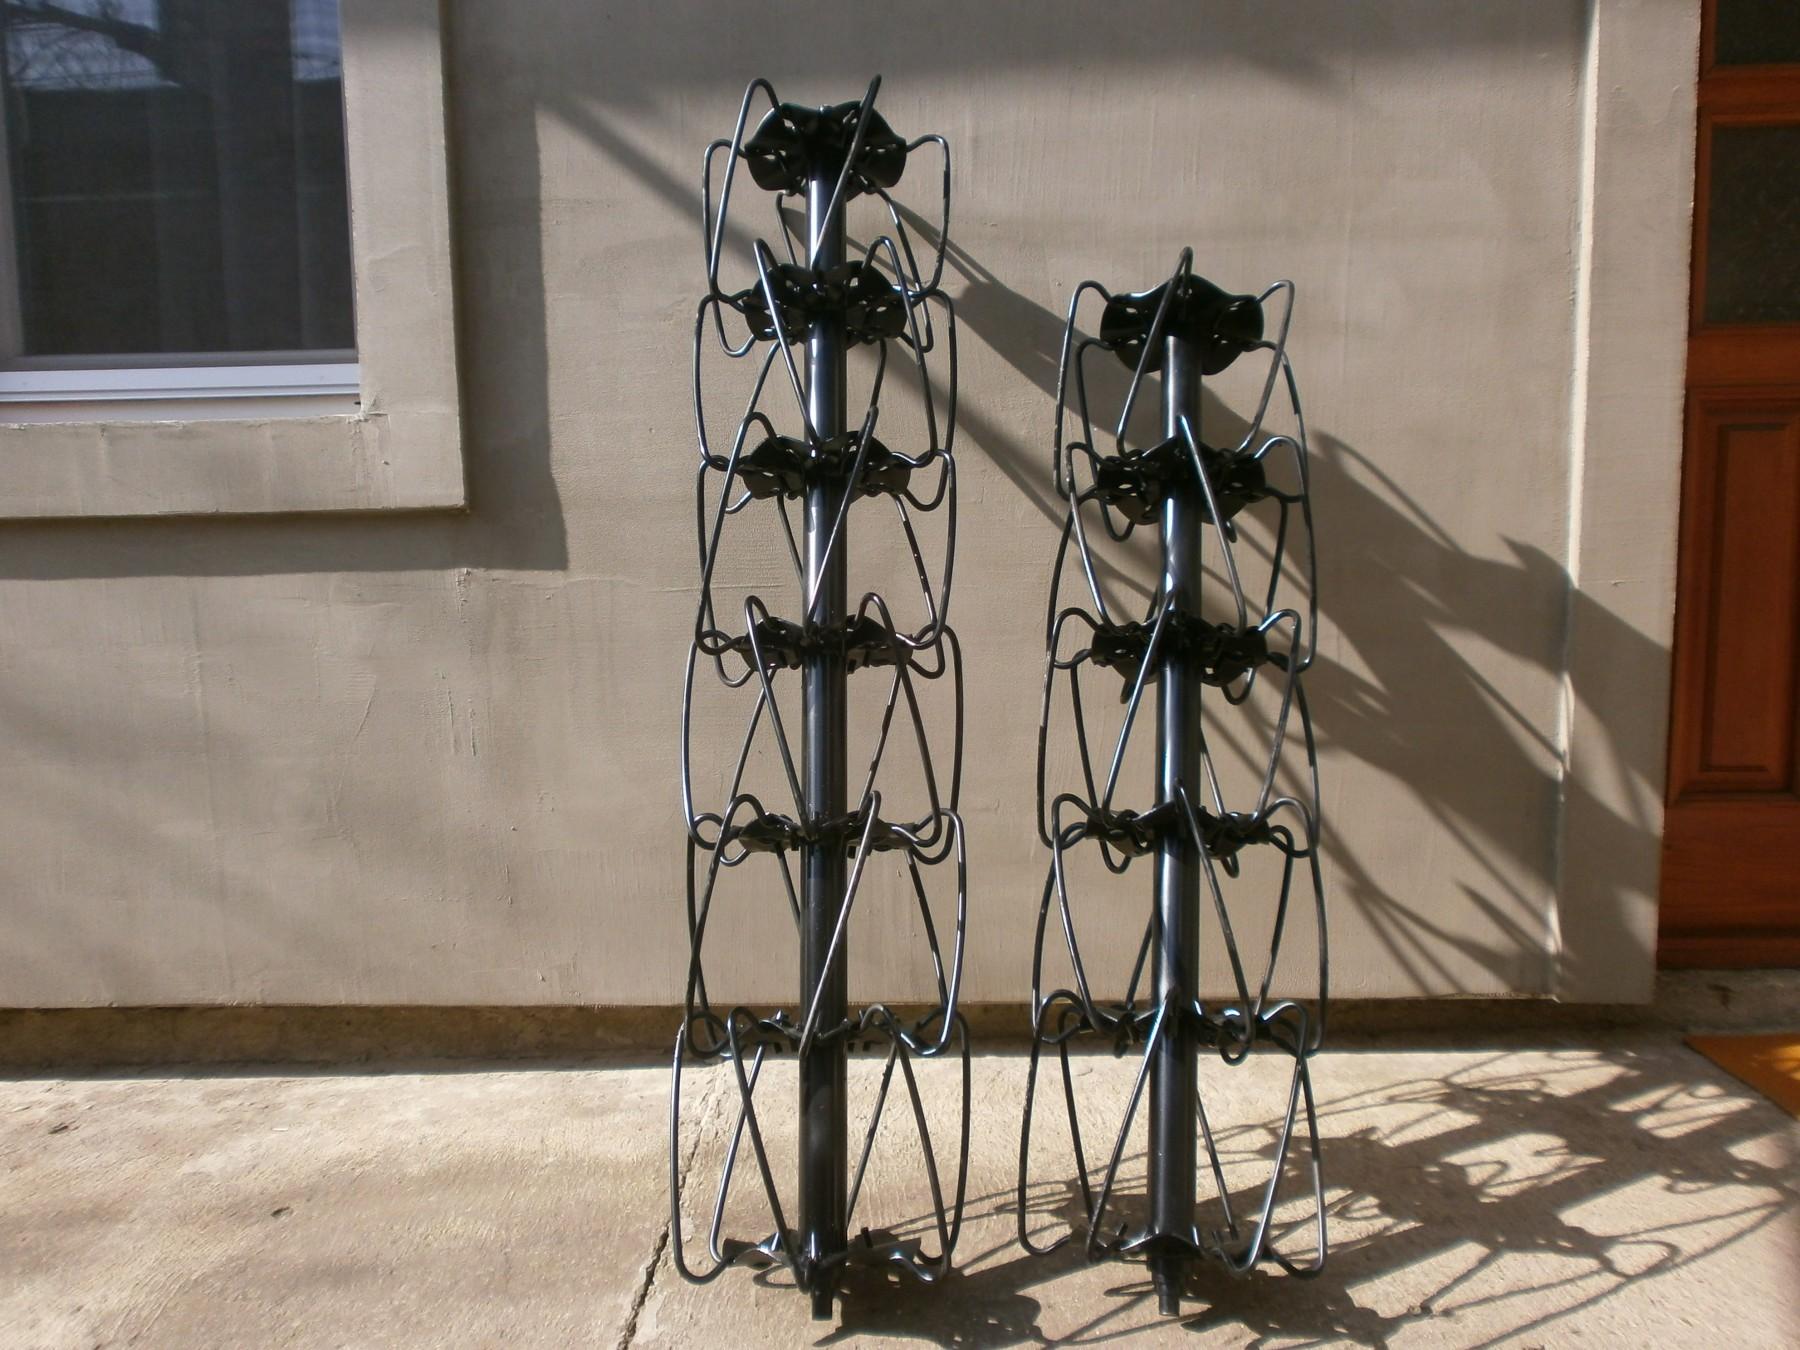 Rotori za setvospremace - Kupindo.com (38037851)